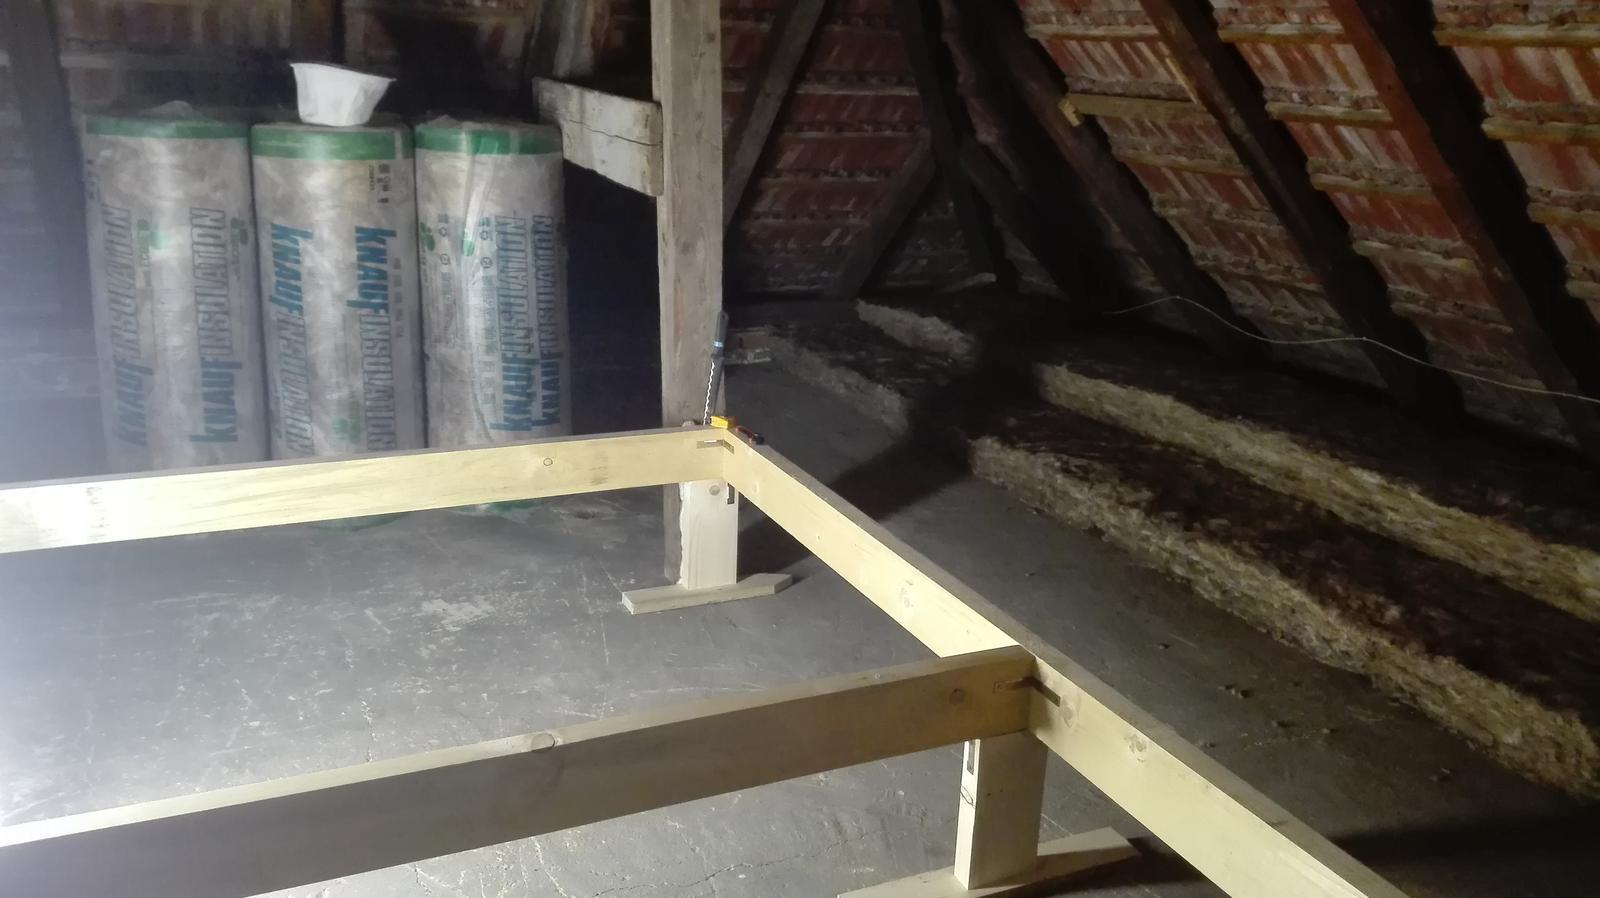 Zlepsenie tepelnoizolacnych vlastností tramoveho stropu - Obrázok č. 13